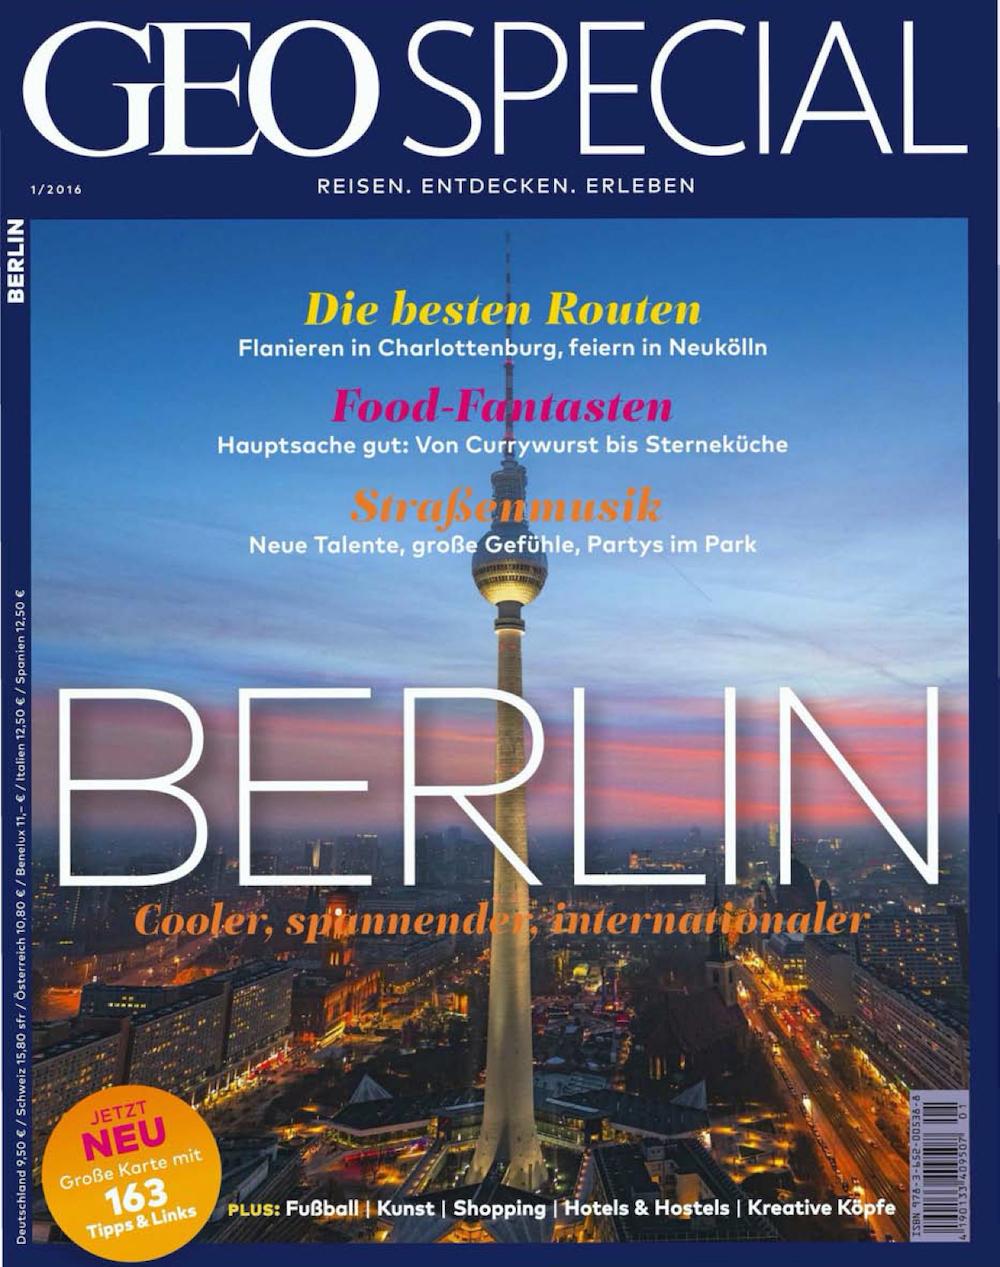 GEO Special 2016-01 Berlin